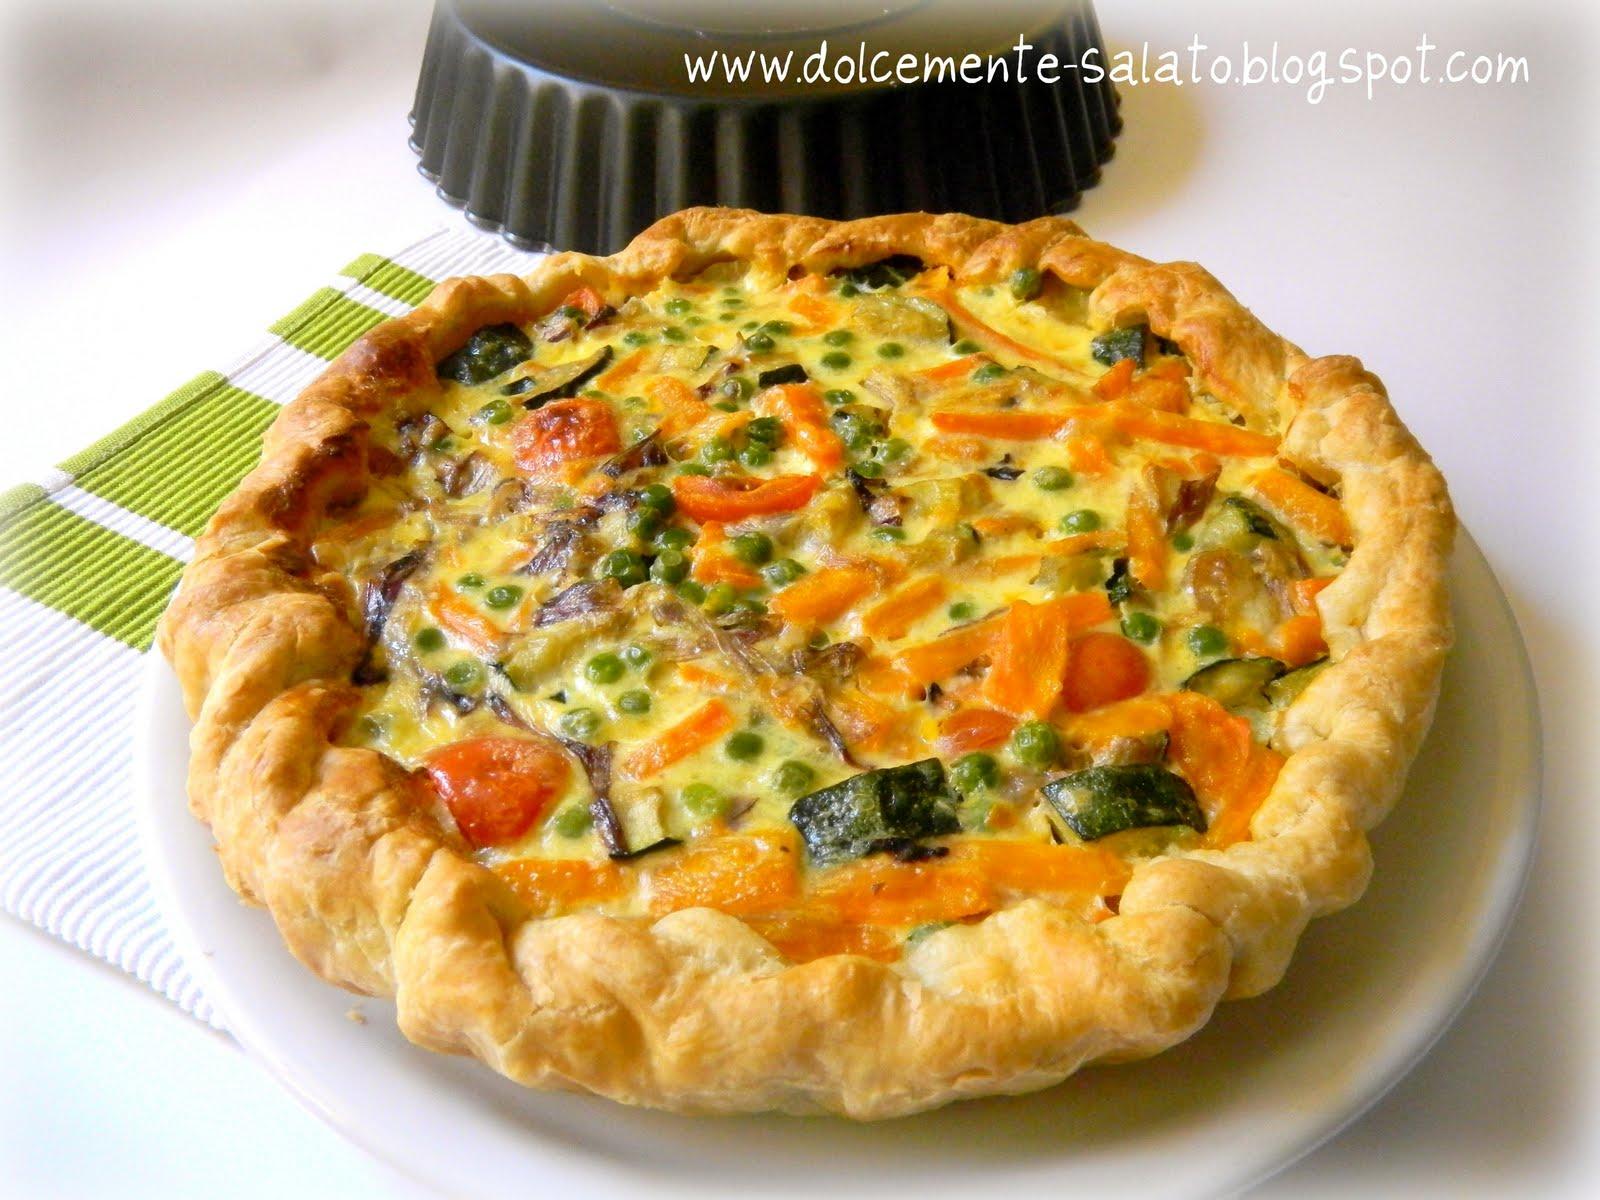 Dolcemente salato quiche di verdure for Ricette di verdure